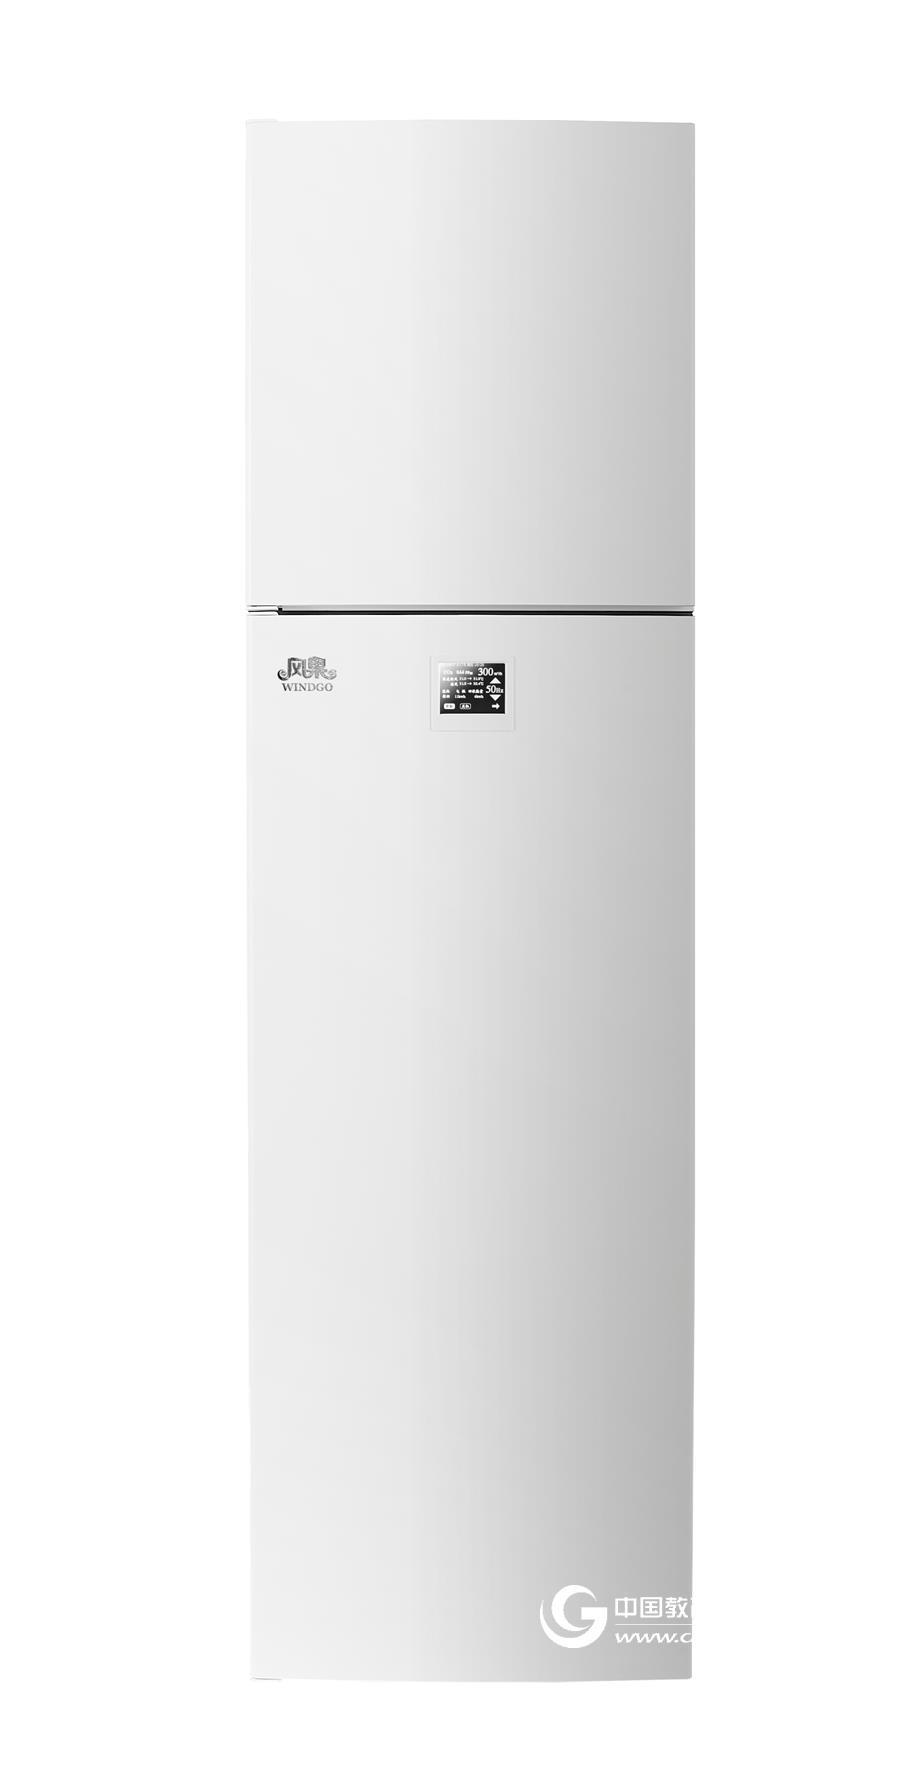 风果新风净化系统FG-G600